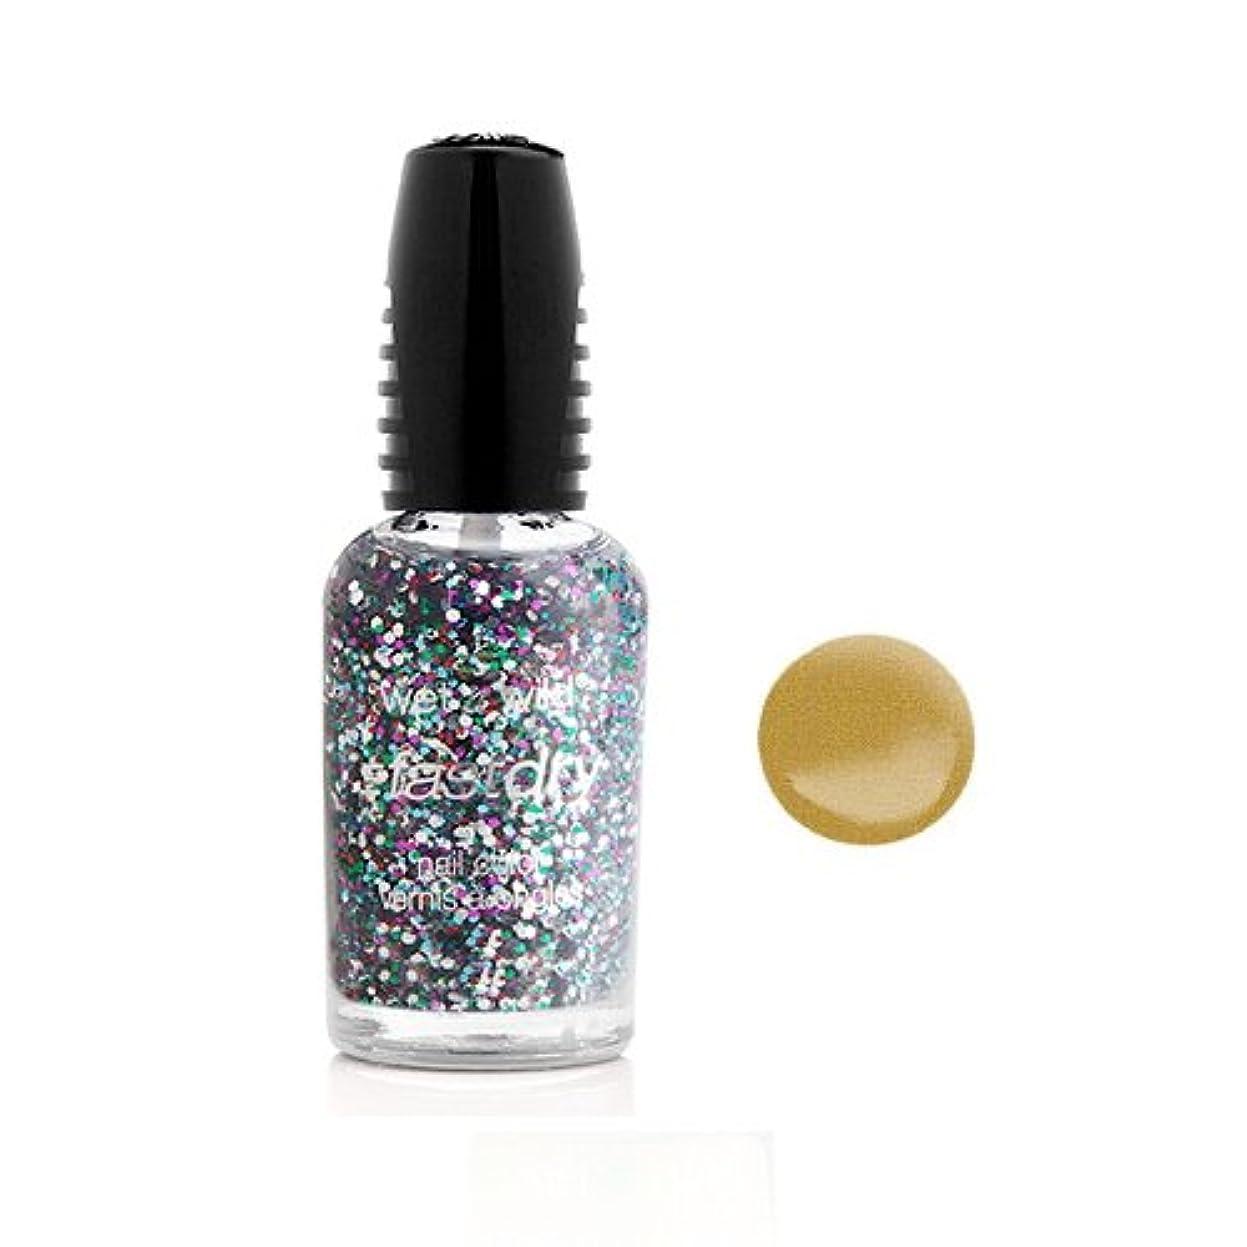 太字スクランブル行列(6 Pack) WET N WILD Fastdry Nail Color - The Gold & the Beautiful (DC) (並行輸入品)